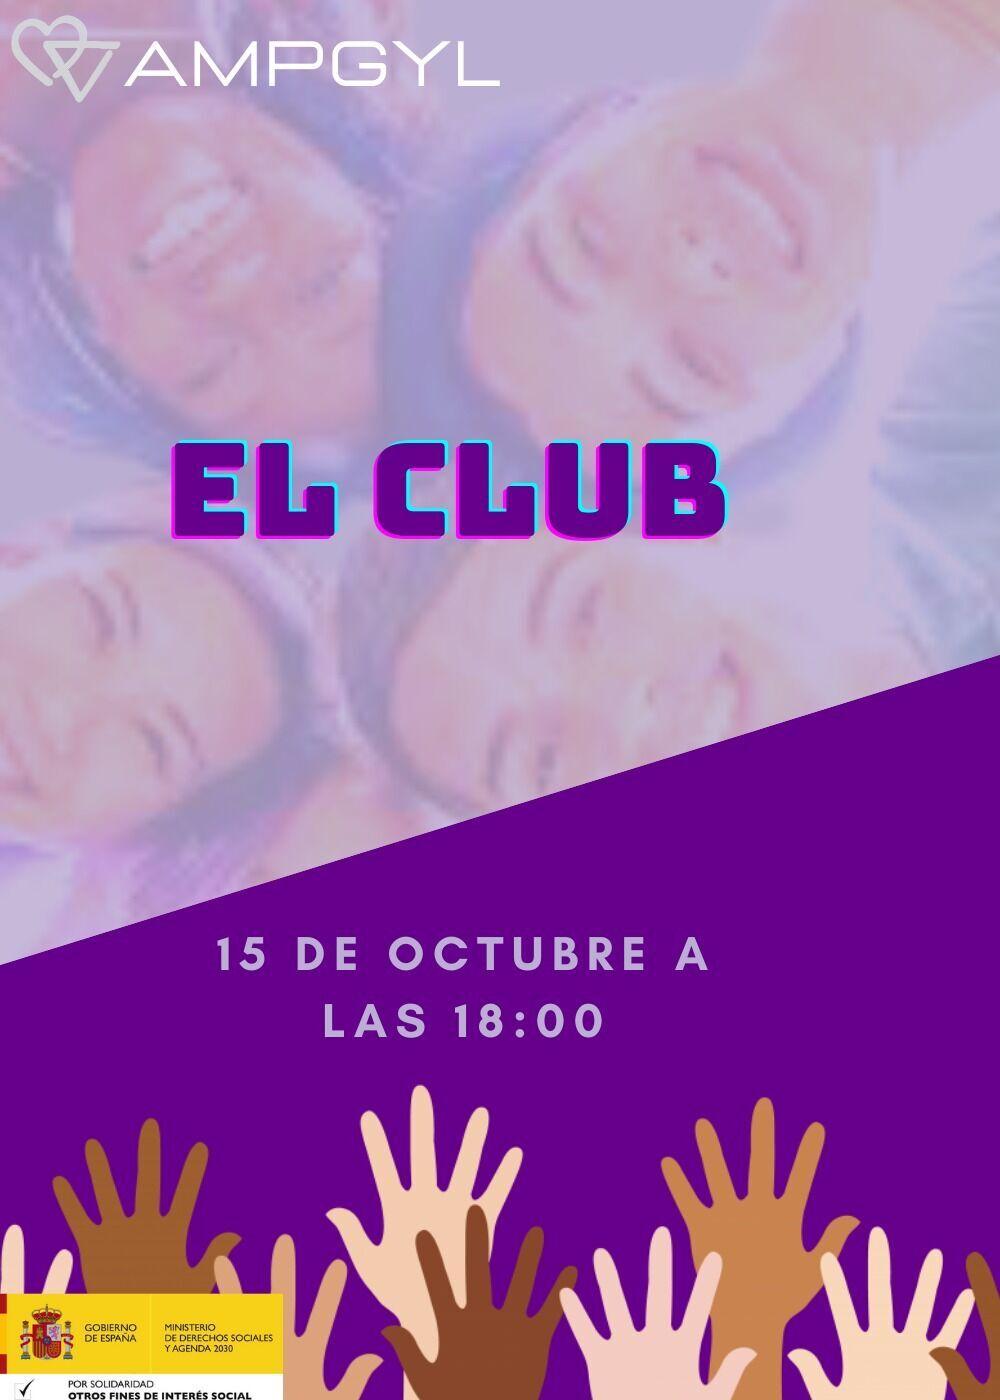 El Club de AMPGYL : taller de socialización para adolescentes